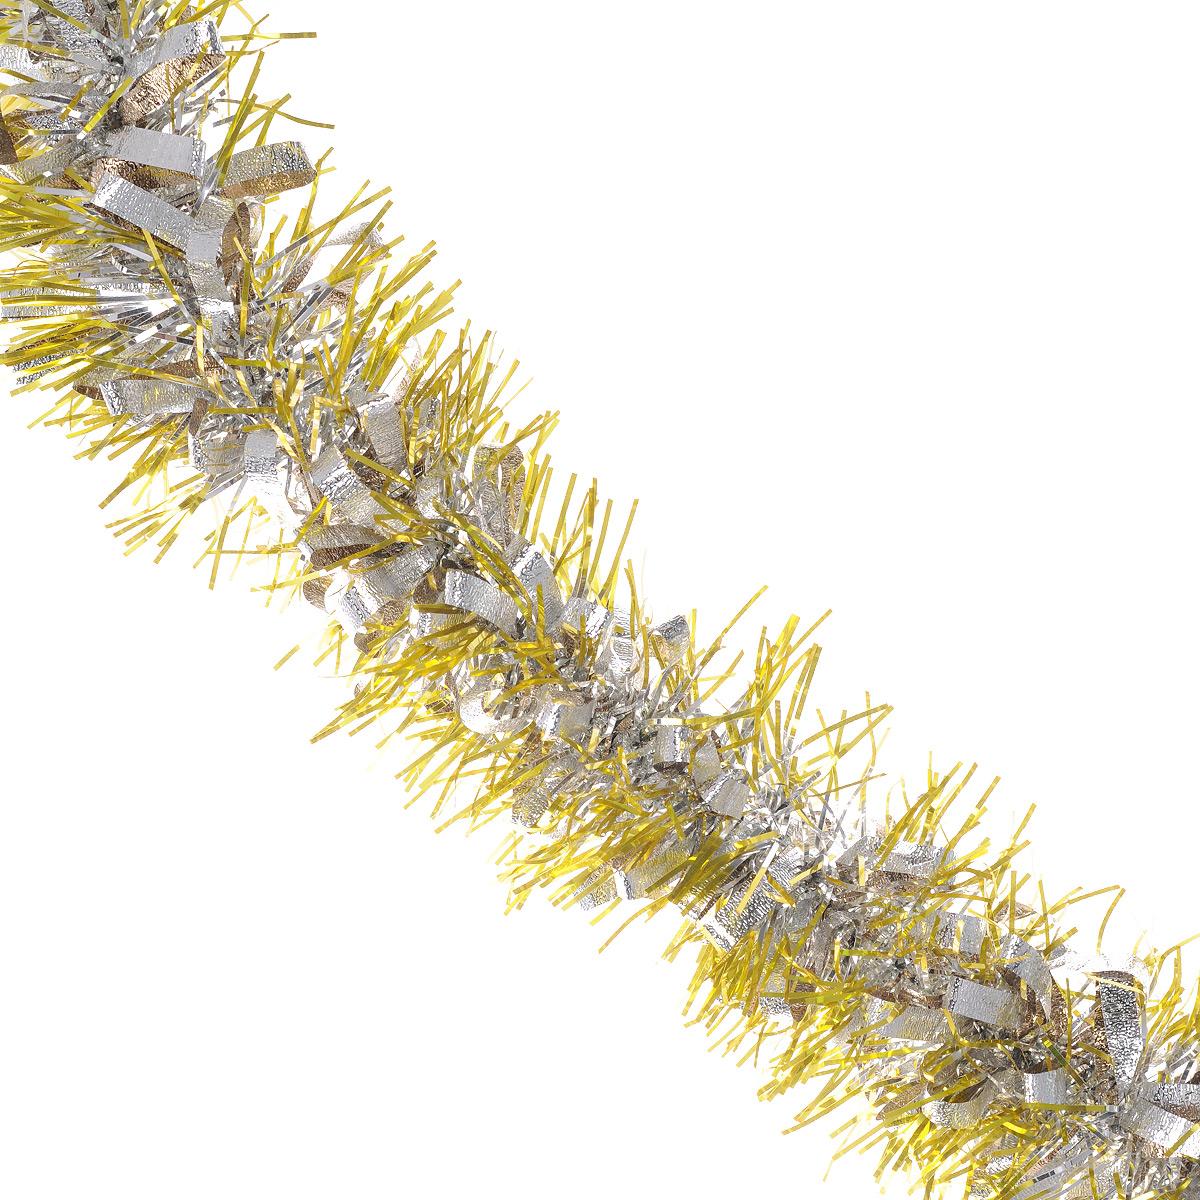 Мишура новогодняя Sima-land, цвет: золотистый, серебристый, диаметр 9 см, длина 2 м. 452424452424Мишура новогодняя Sima-land, выполненная из двухцветной фольги, поможет вам украсить свой дом к предстоящим праздникам. Мишура армирована, то есть имеет проволоку внутри и способна сохранять приданную ей форму.Новогодняя елка с таким украшением станет еще наряднее. Новогодней мишурой можно украсить все, что угодно - елку, квартиру, дачу, офис - как внутри, так и снаружи. Можно сложить новогодние поздравления, буквы и цифры, мишурой можно украсить и дополнить гирлянды, можно выделить дверные колонны, оплести дверные проемы. Коллекция декоративных украшений из серии Зимнее волшебство принесет в ваш дом ни с чем несравнимое ощущение праздника! Создайте в своем доме атмосферу тепла, веселья и радости, украшая его всей семьей.